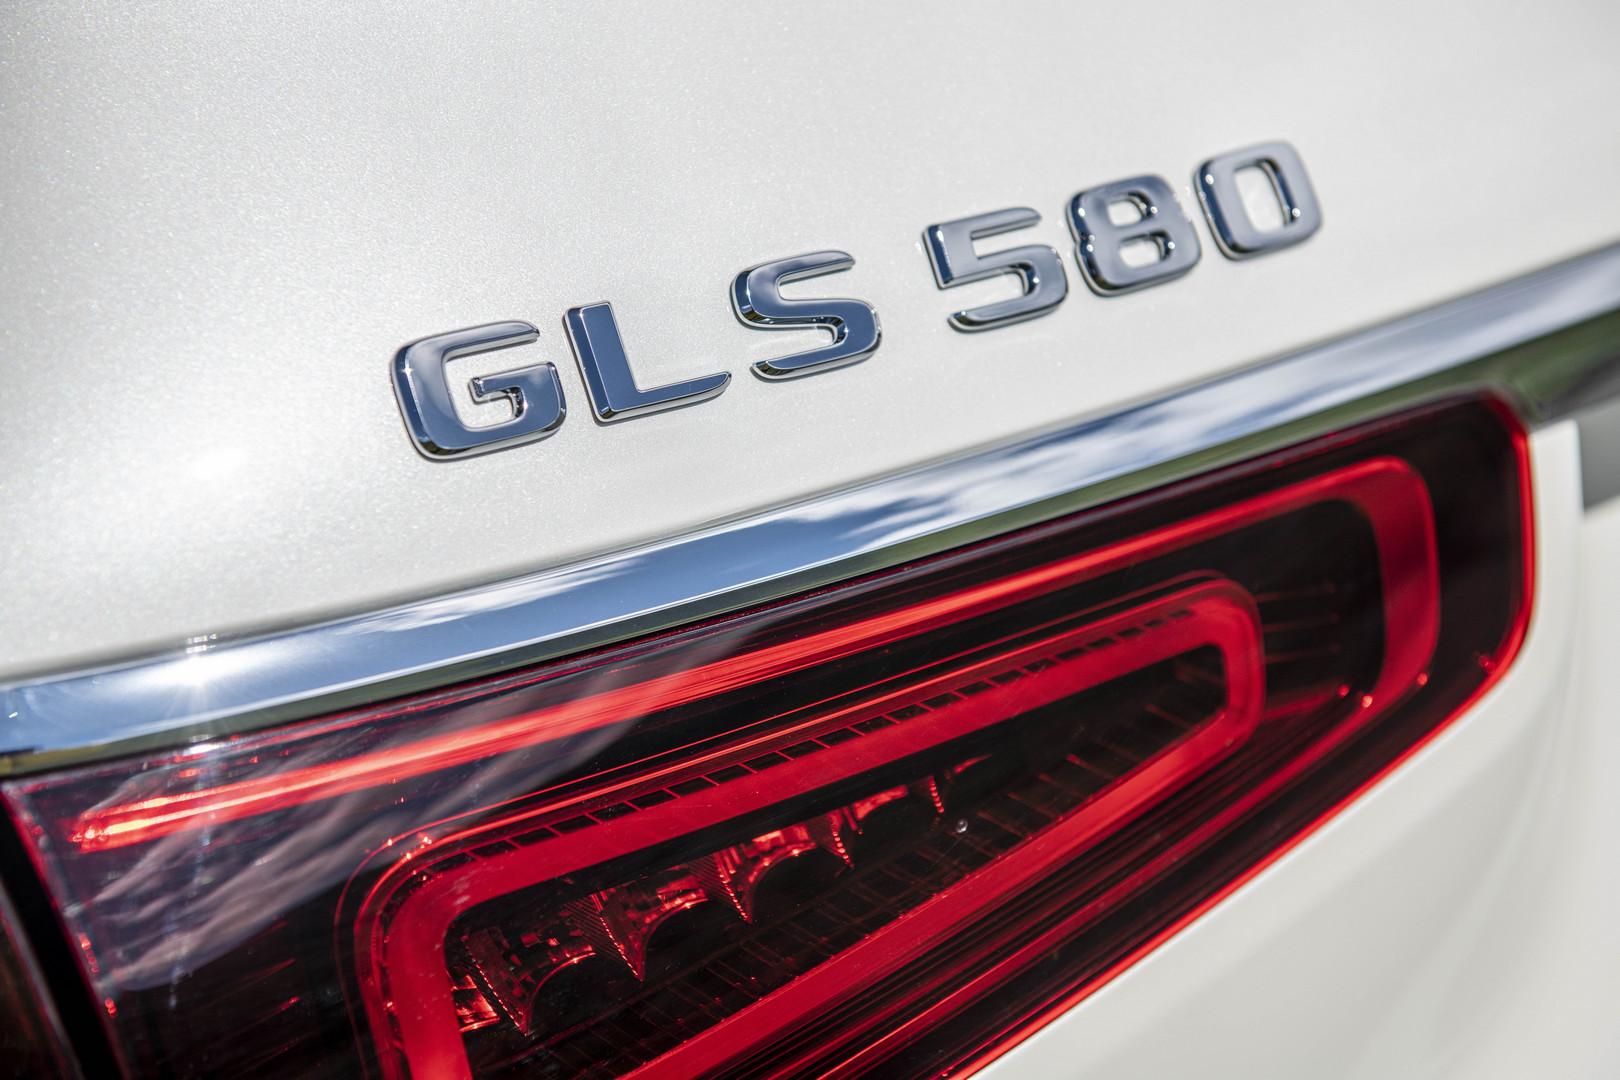 2020 Mercedes-Benz GLS 580 Badge